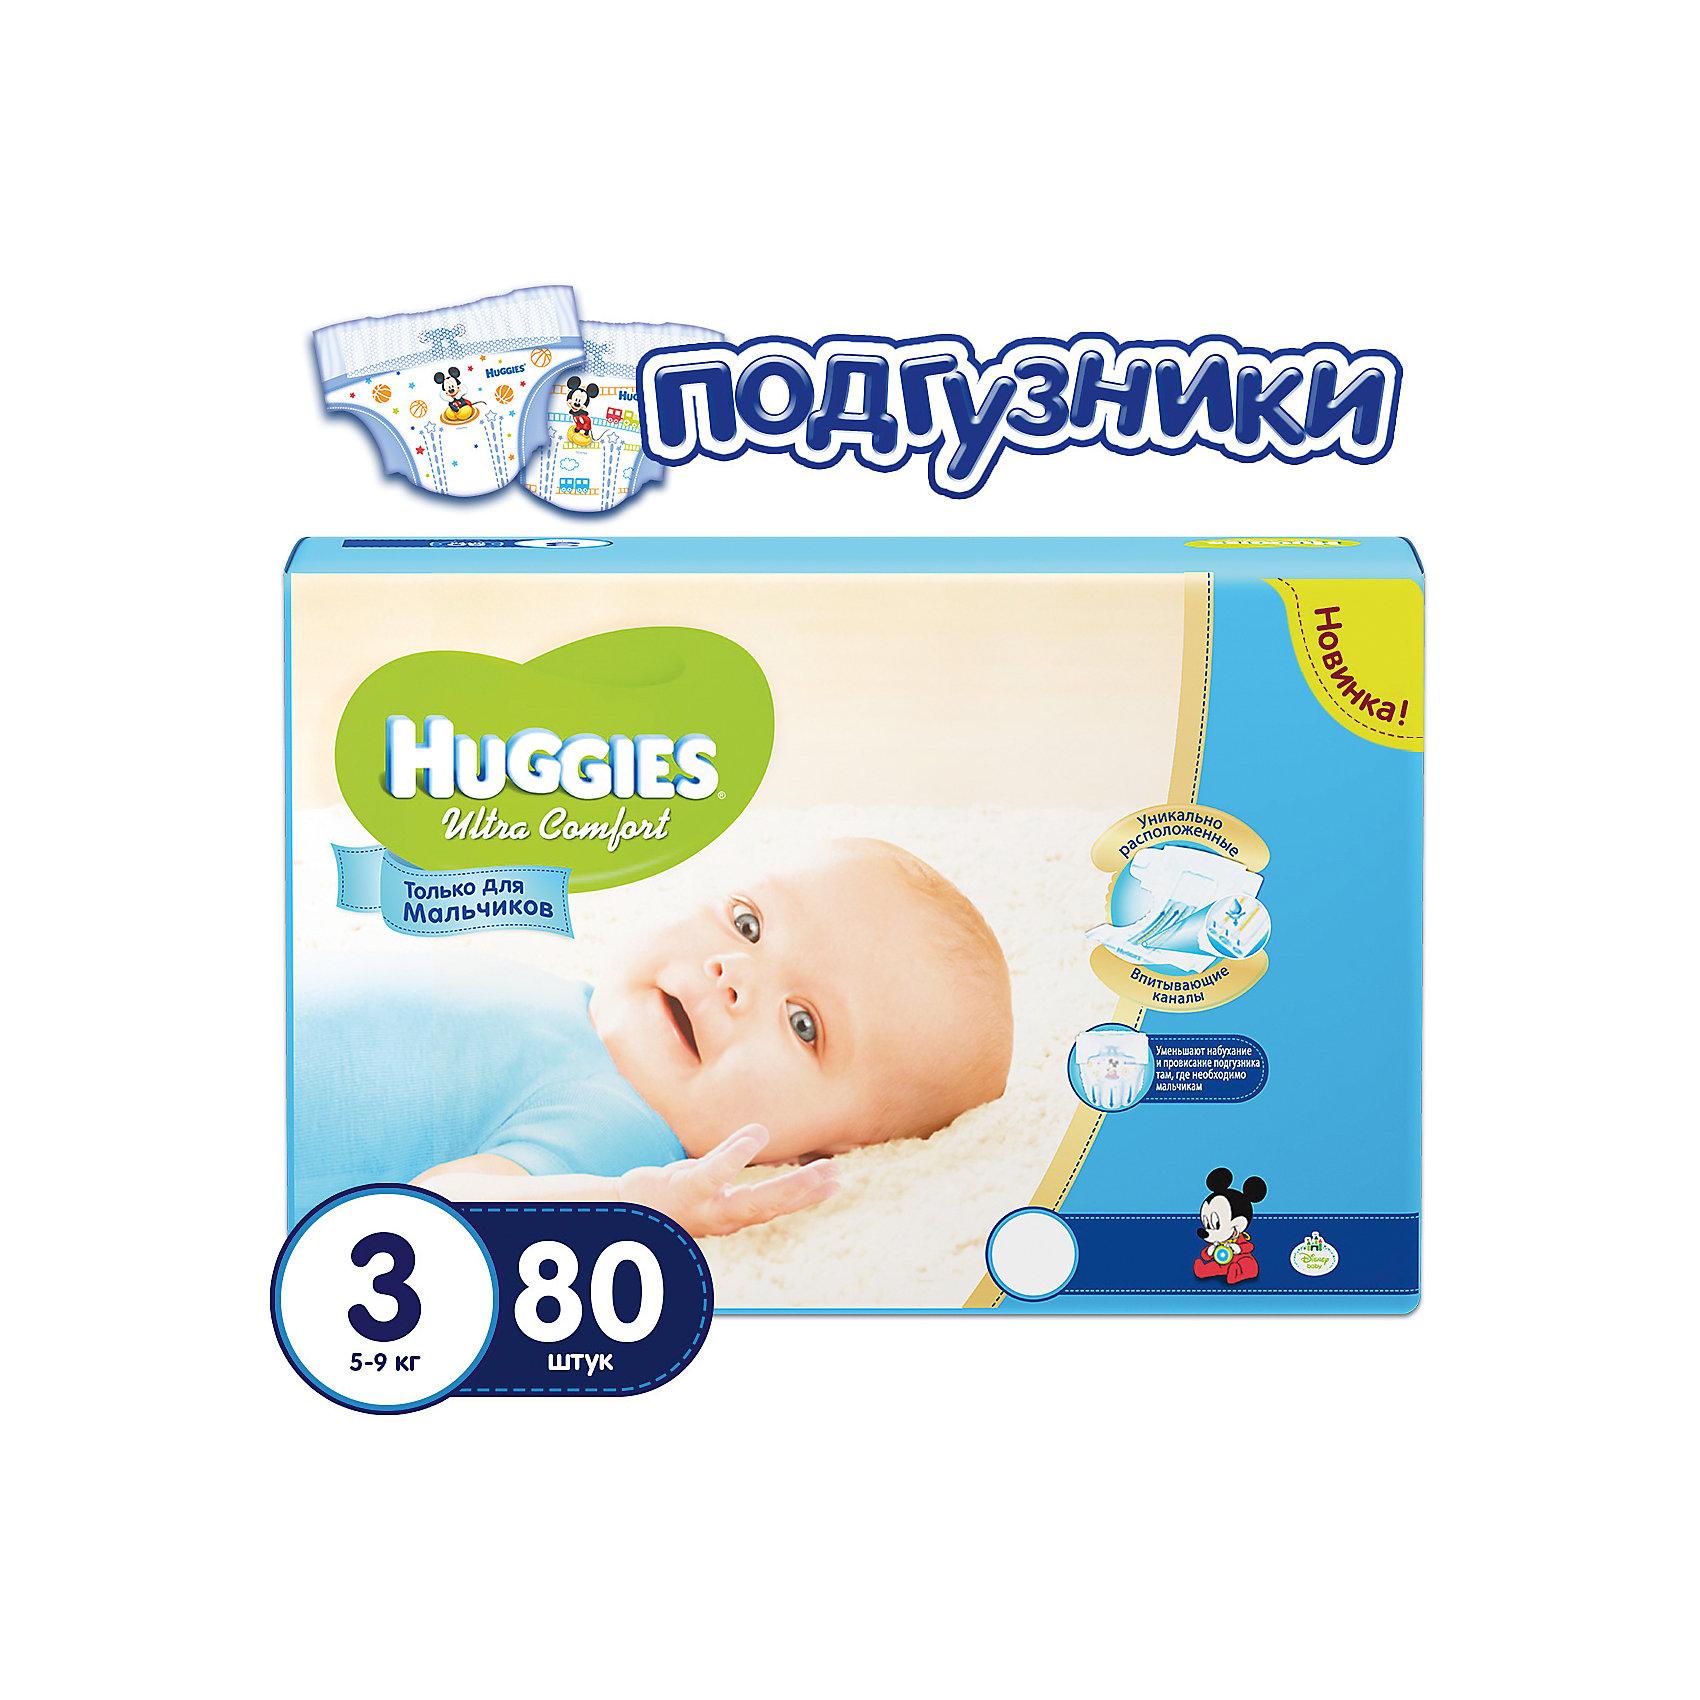 Подгузники Huggies Ultra Comfort 3 Mega Pack для мальчиков, 5-9 кг, 80 шт.